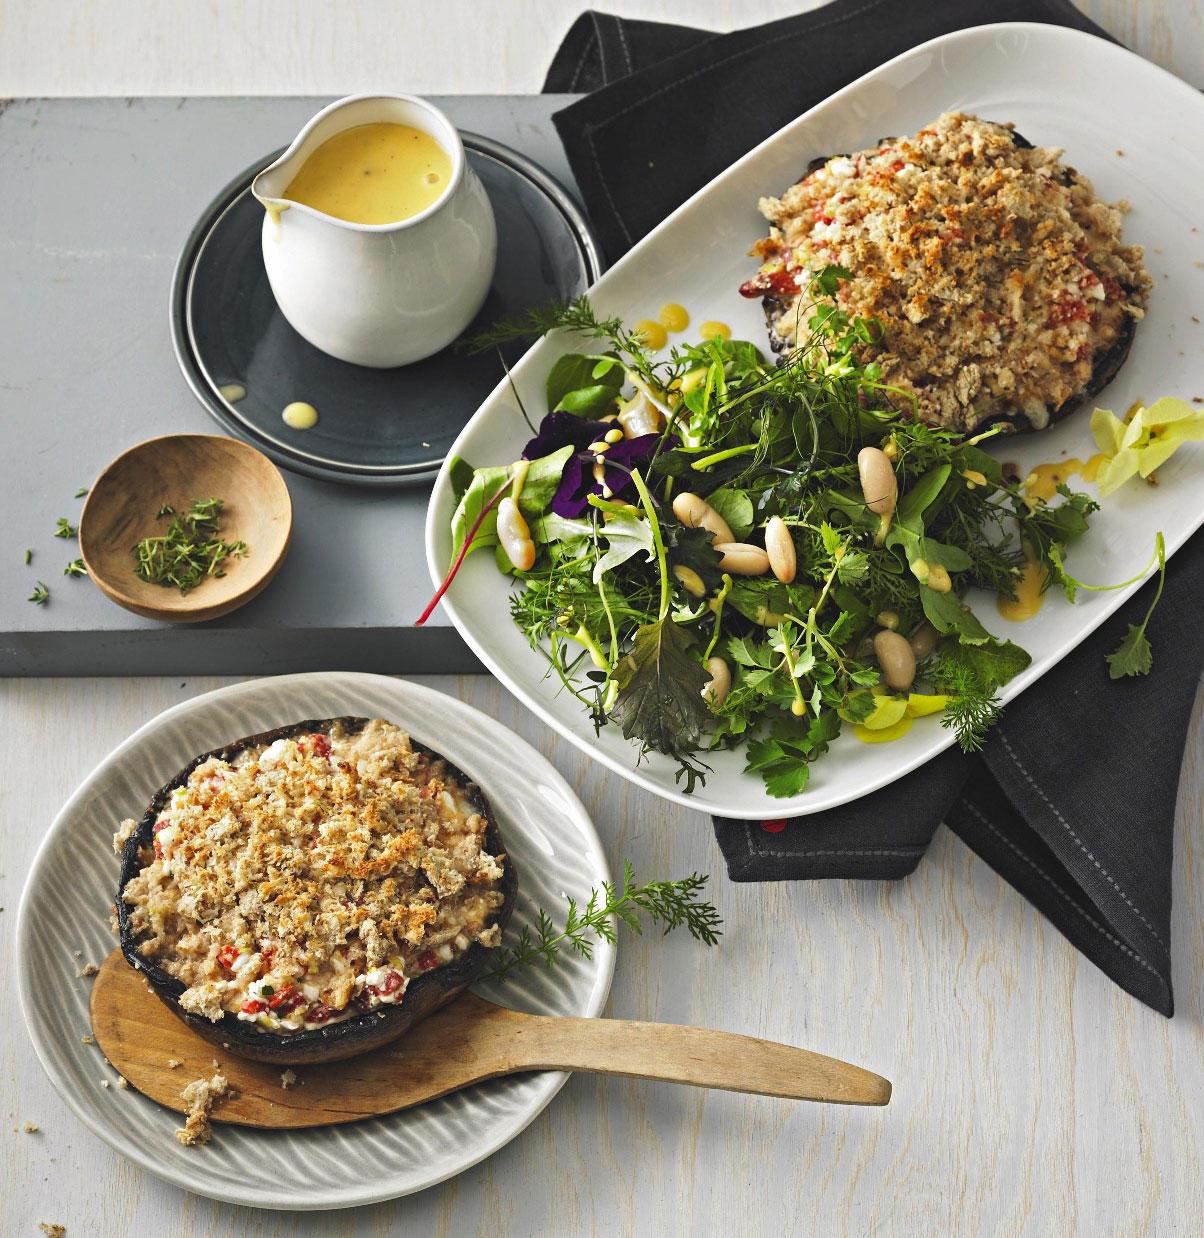 BRIGITTE-Diät: Abnehmen mit mediterranen Rezepten | BRIGITTE.de